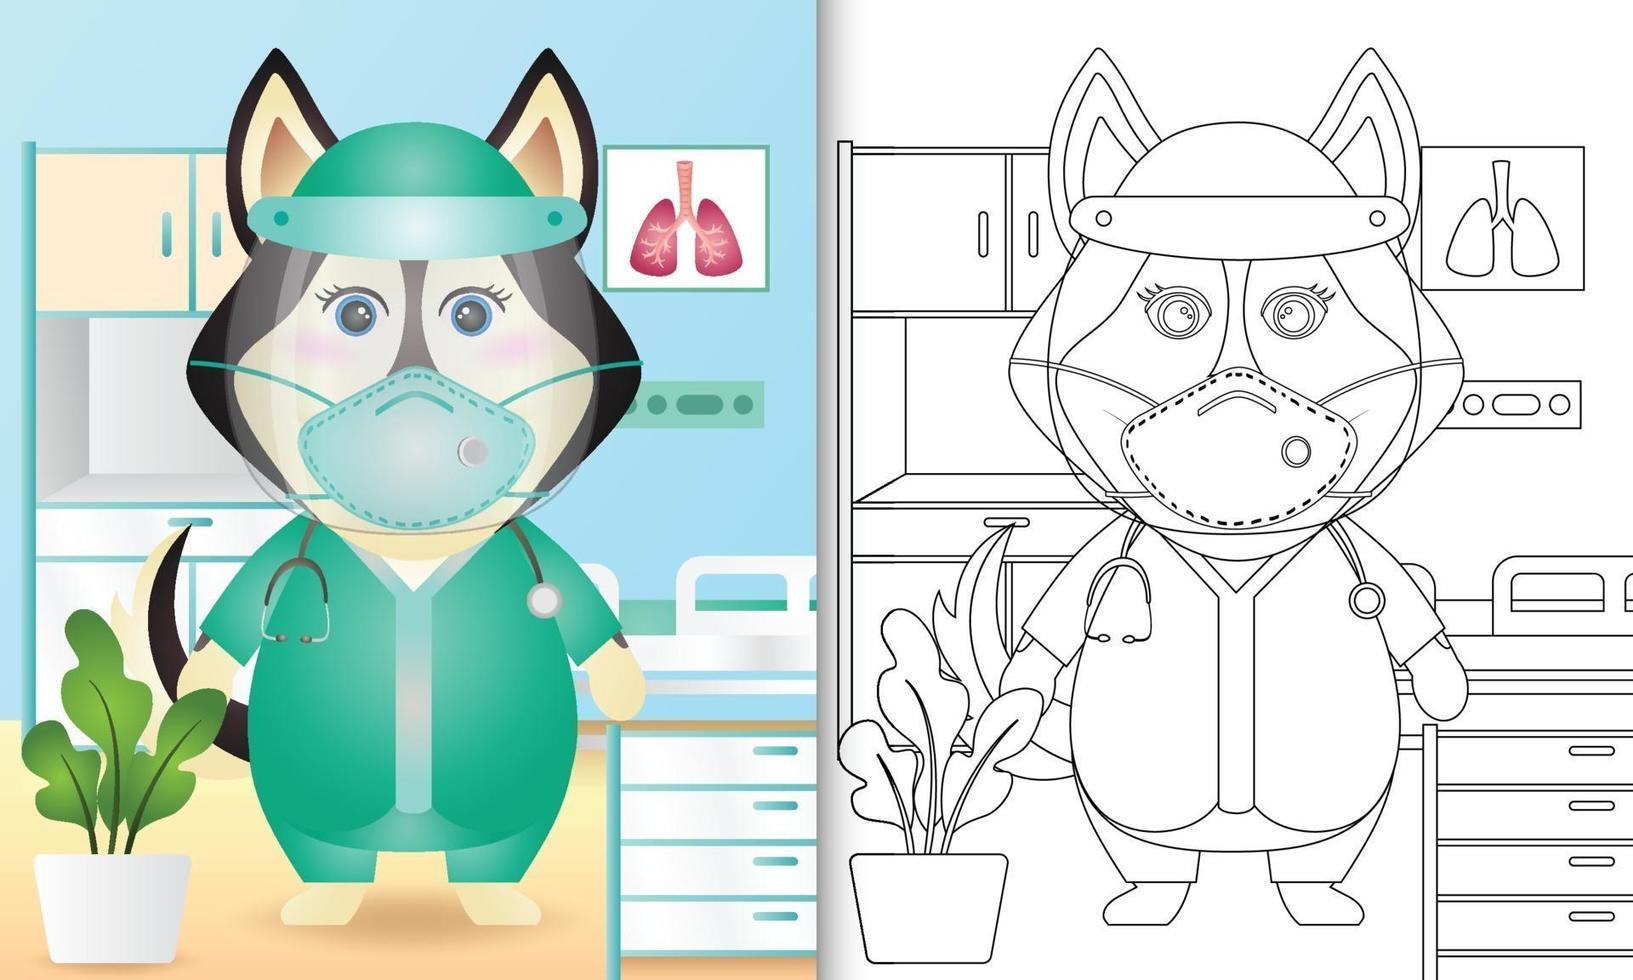 kleurboek voor kinderen met een schattige husky hond karakter illustratie vector